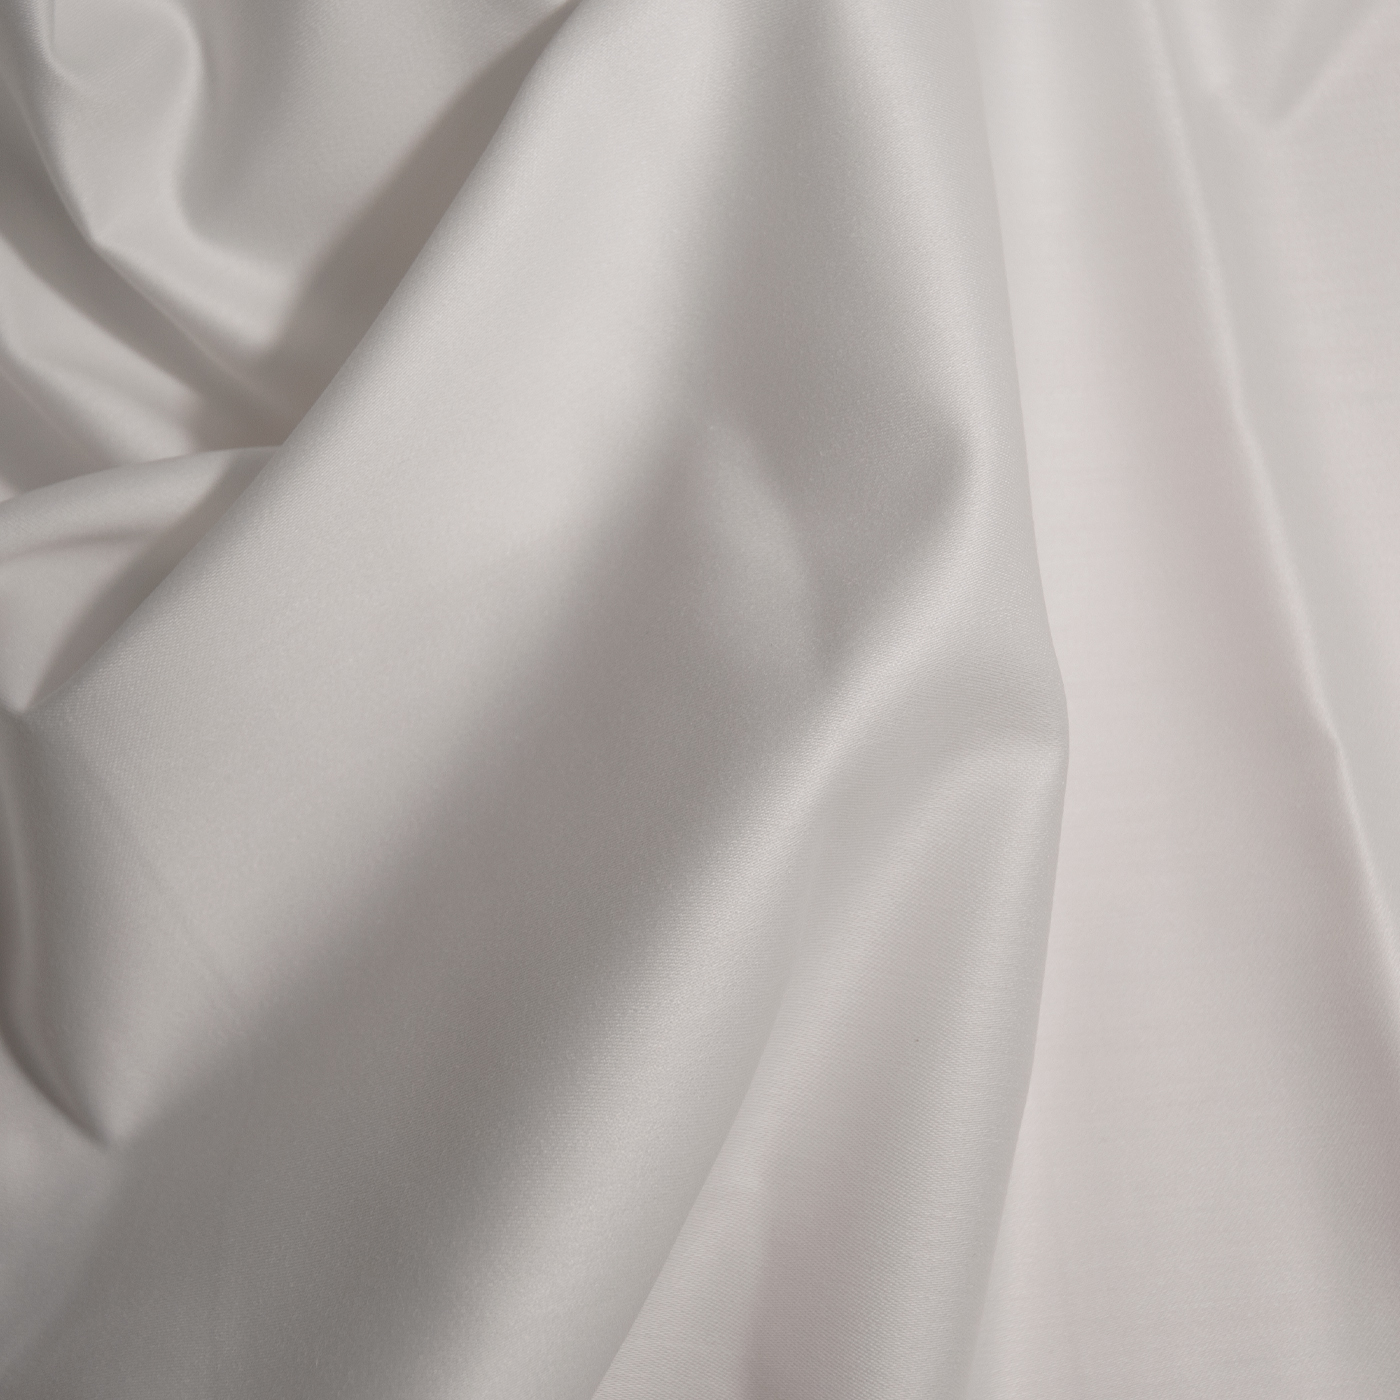 Futtersatin Fiorella 809 ecru 300cm Warenbreite/Warenhöhe 50% BW 50% PL